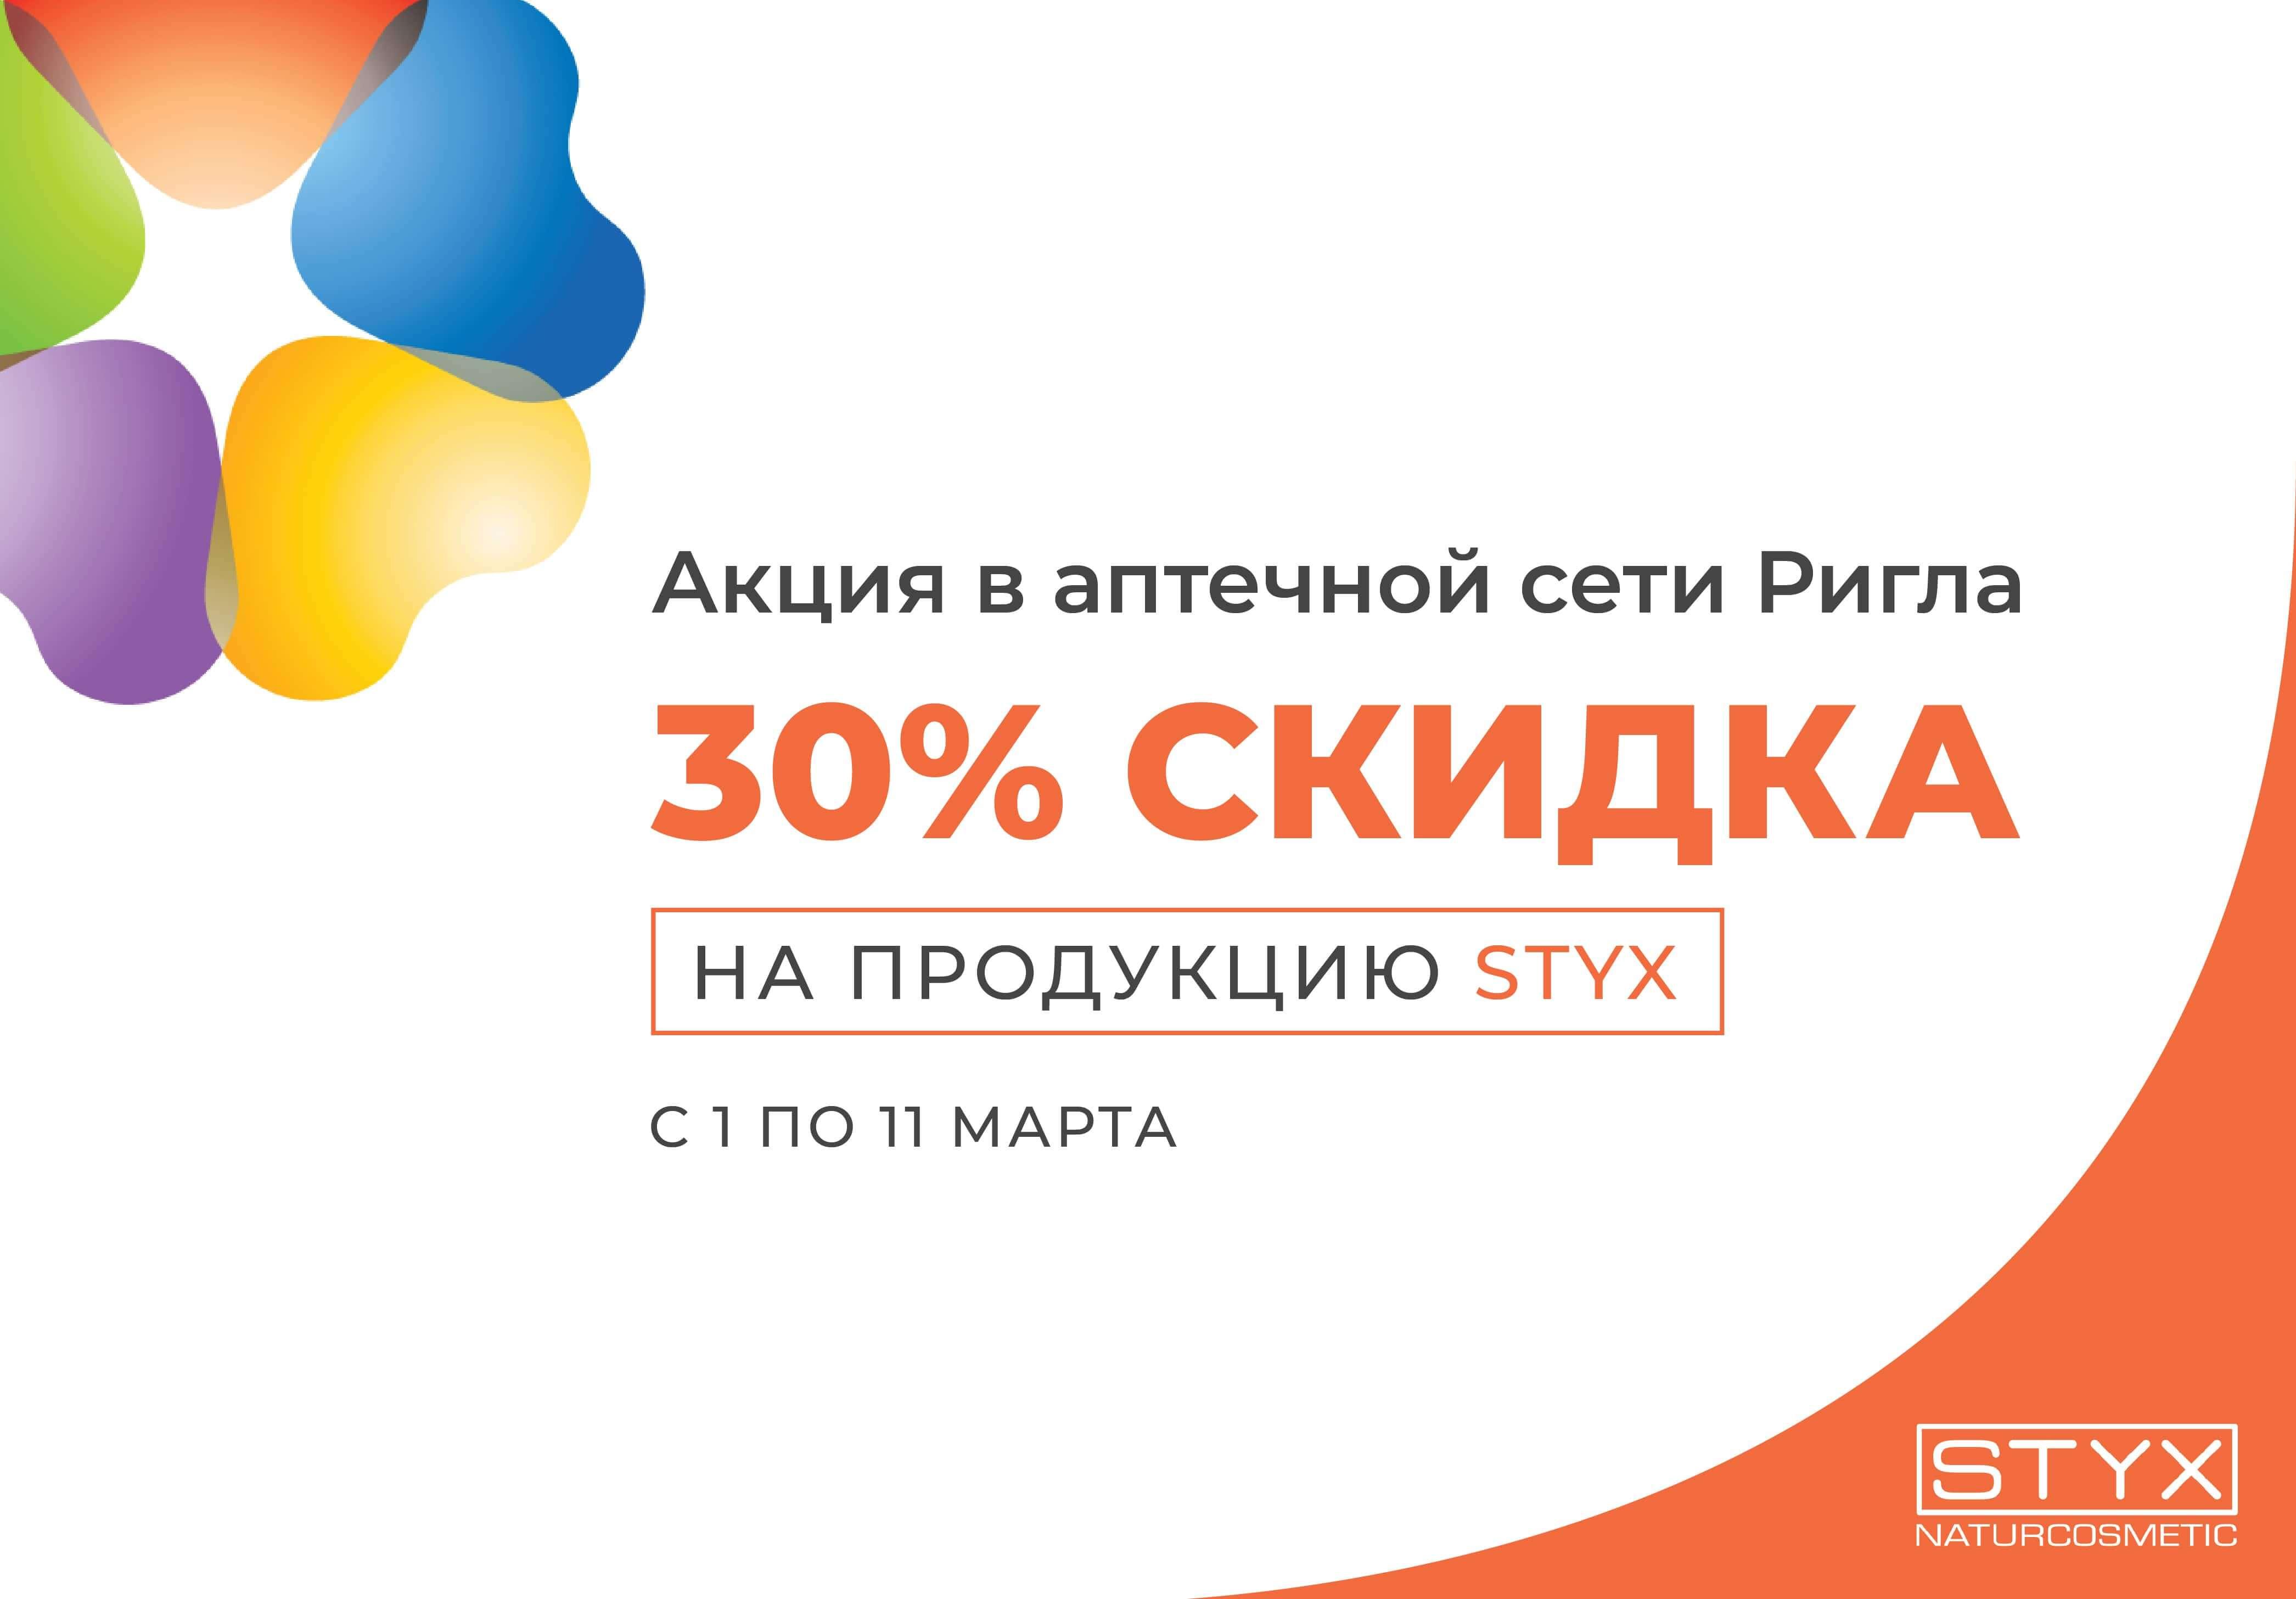 Акция 30% на продукцию STYX - Ригла